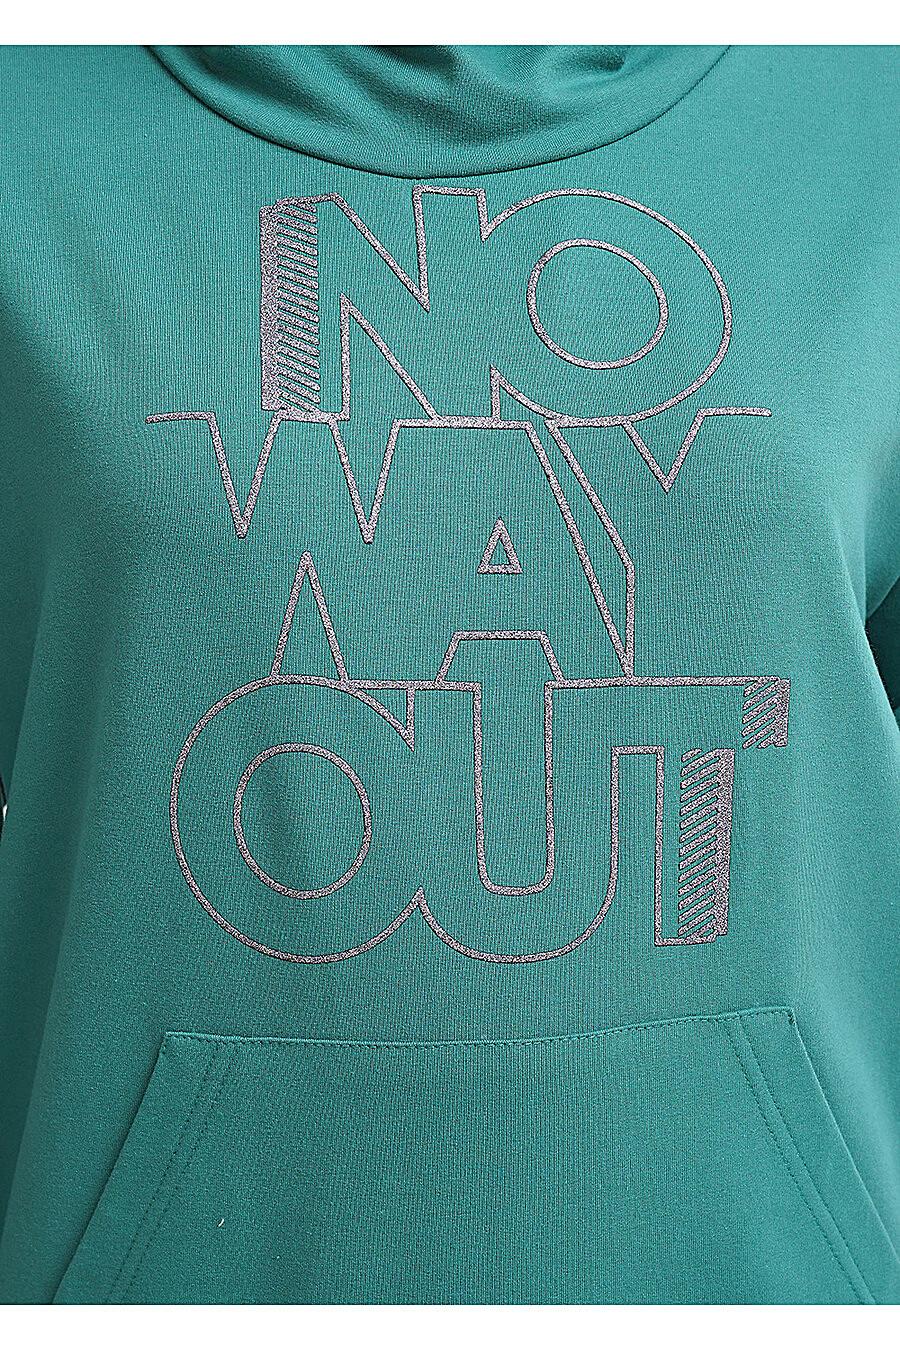 Джемпер для женщин CLEVER 155222 купить оптом от производителя. Совместная покупка женской одежды в OptMoyo